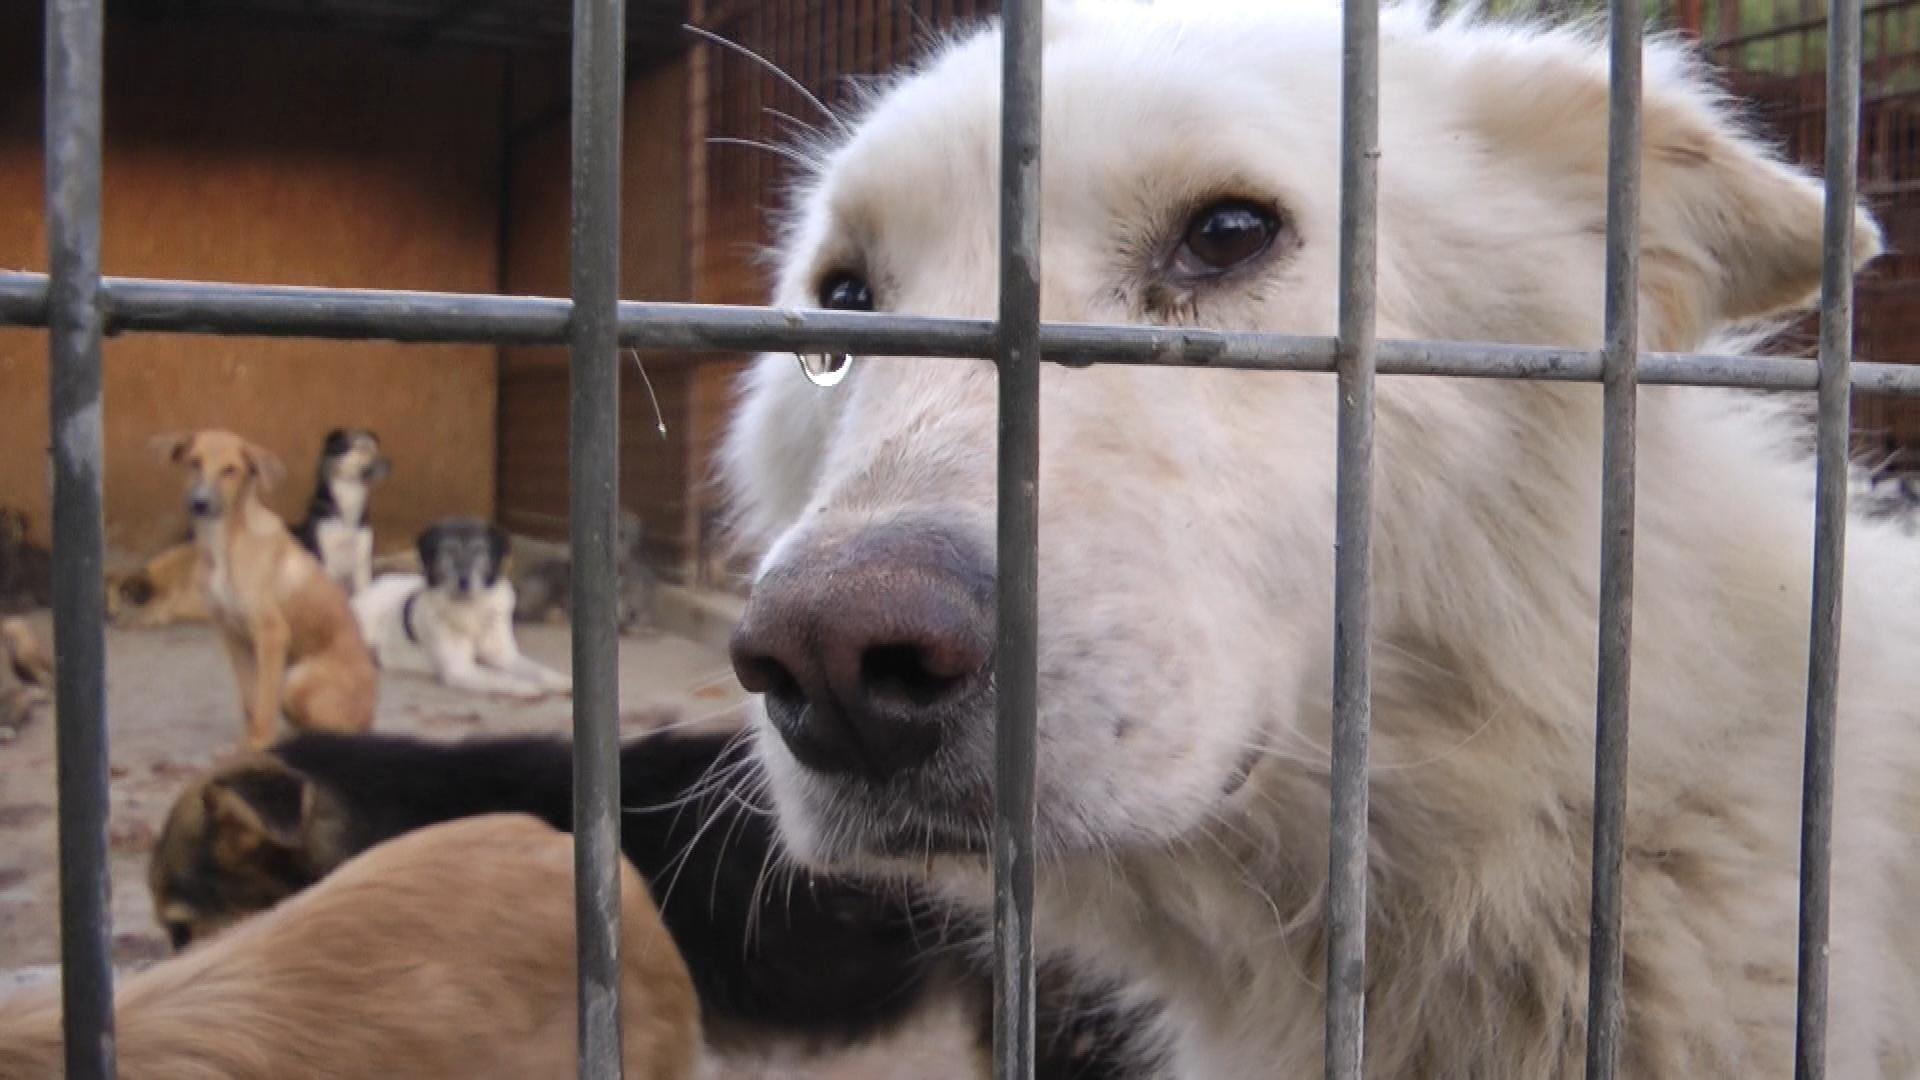 Hundeleben Ein Film Uber Das Schicksal Rumanischer Strassenhunde Startnext Com Hunde Tierheim Tiere In Not